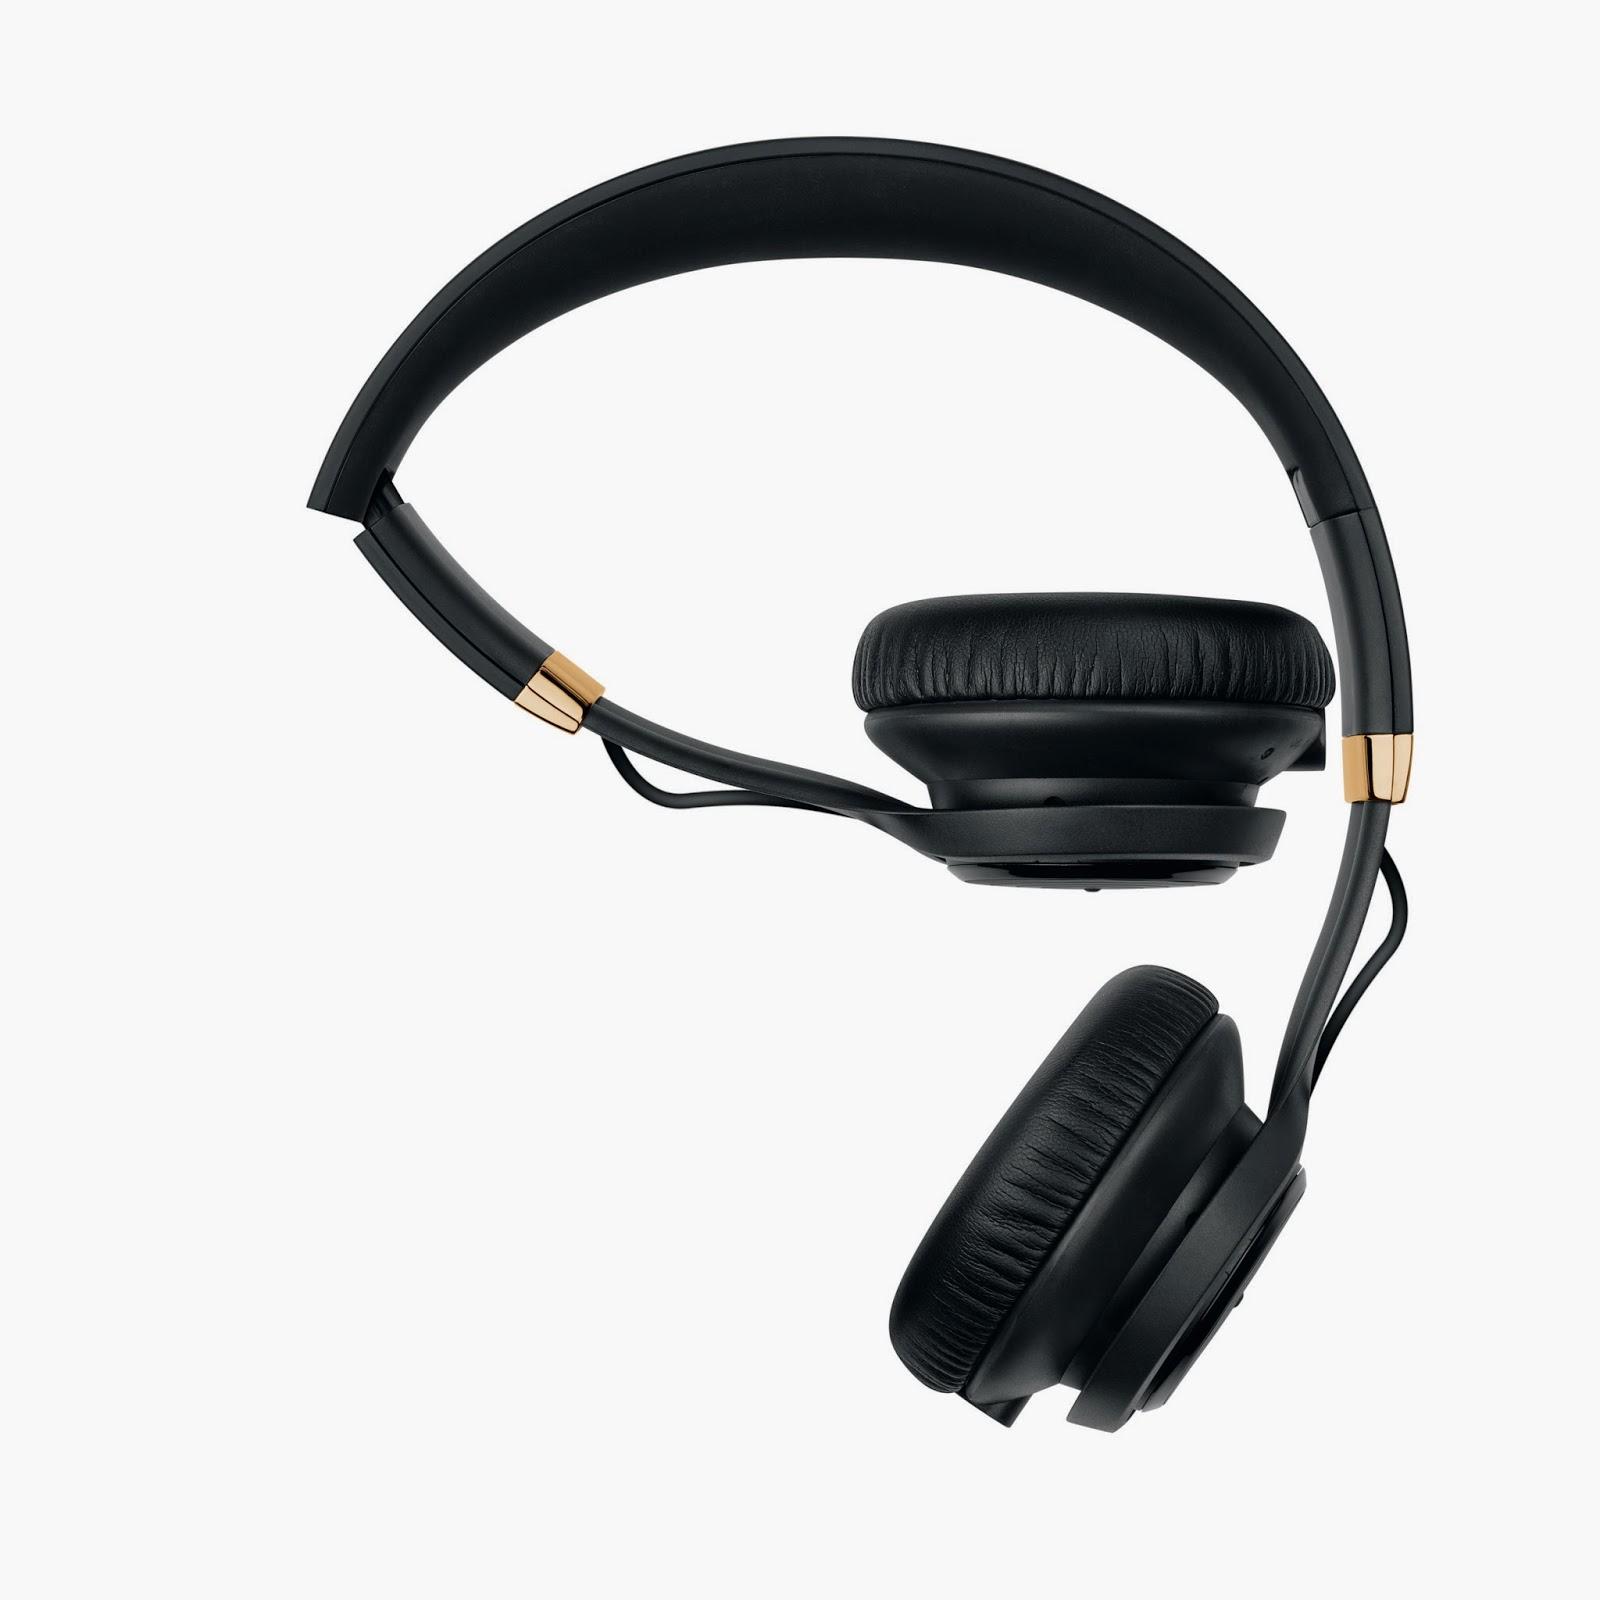 Jabra REVO Wireless New Price SGD248